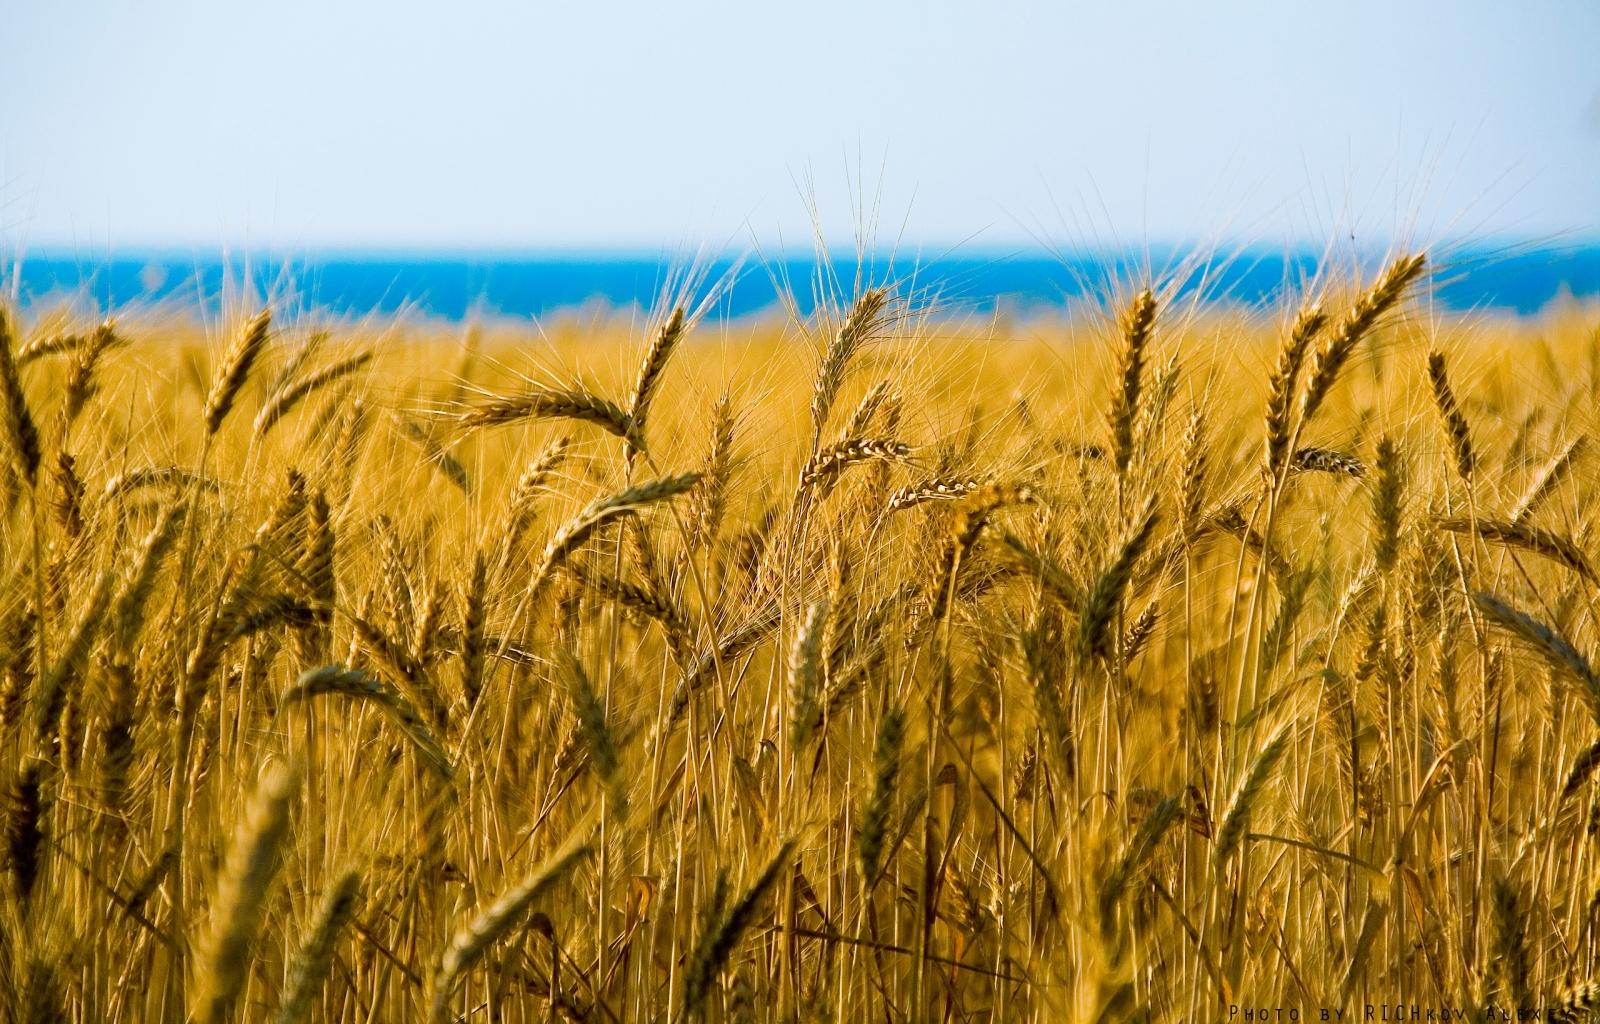 10336 скачать обои Пейзаж, Поля, Пшеница - заставки и картинки бесплатно